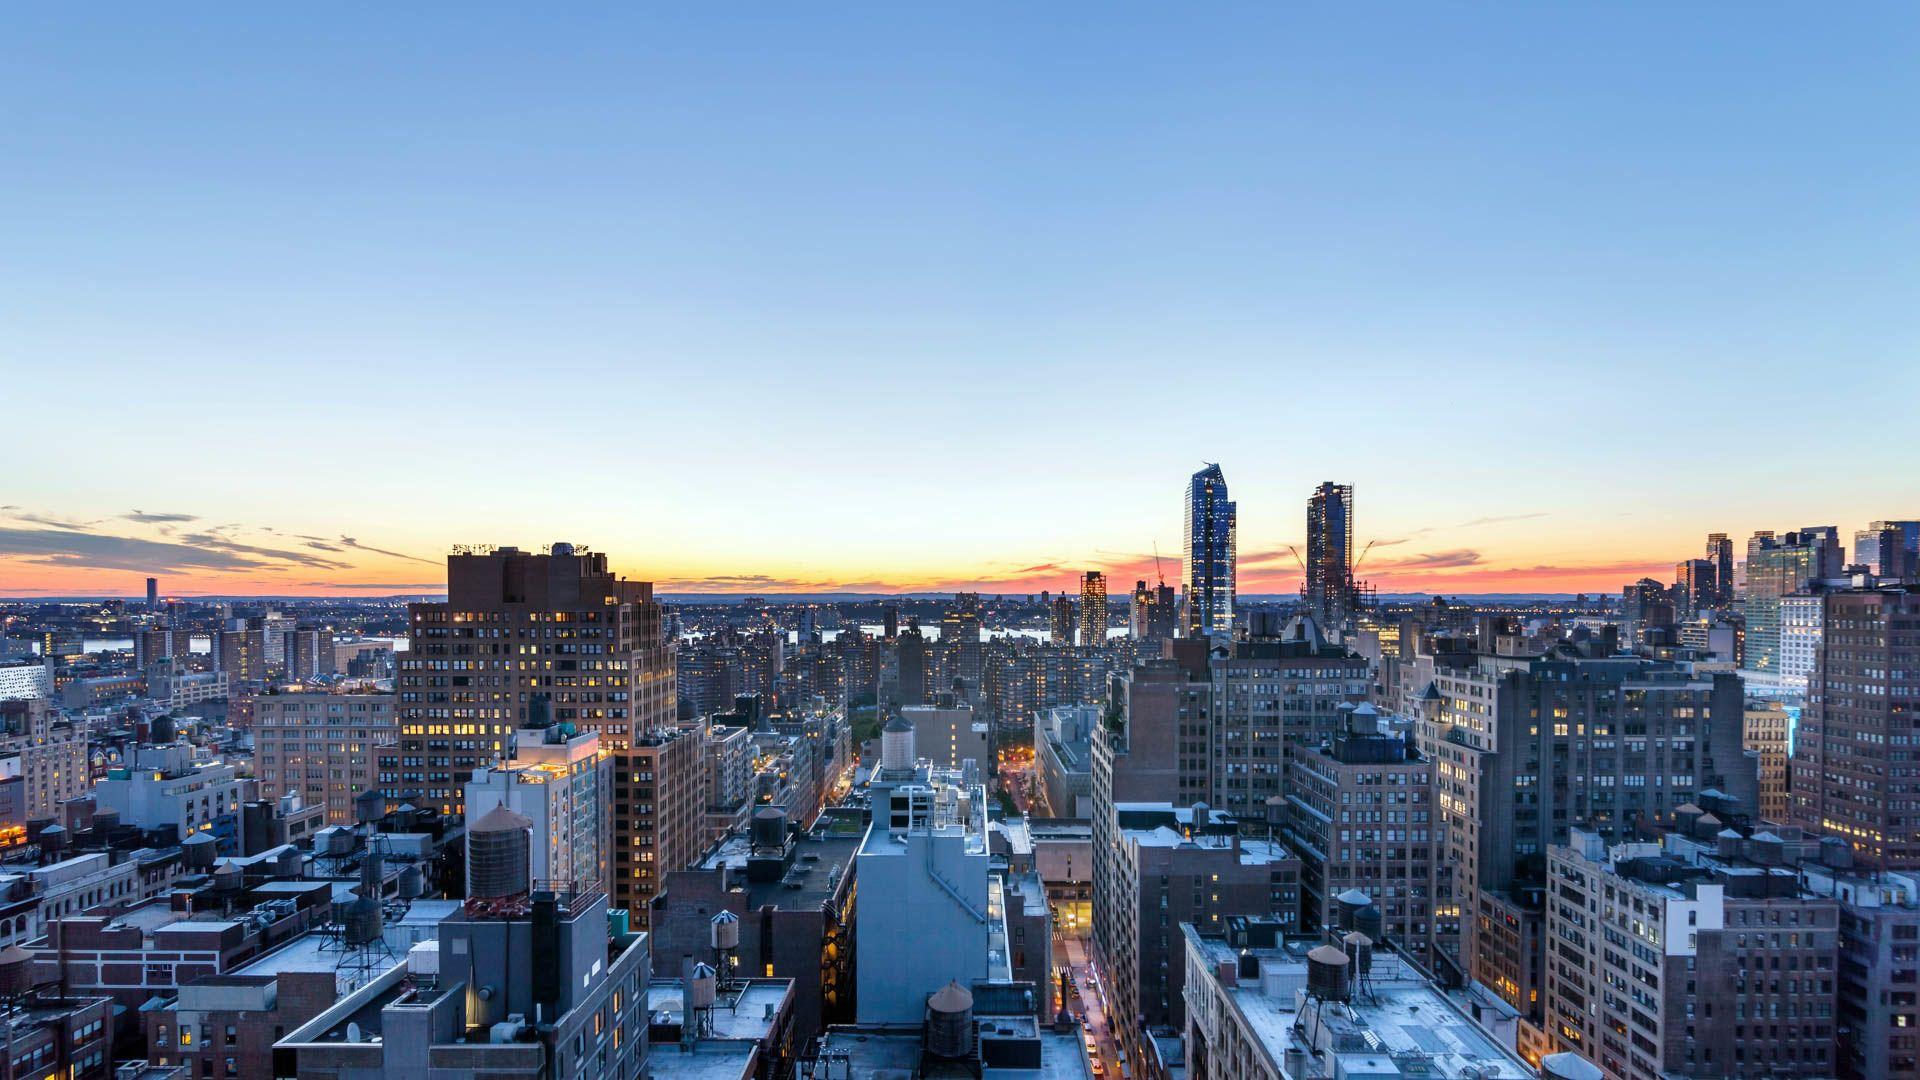 800 Sixth Apartments - Views